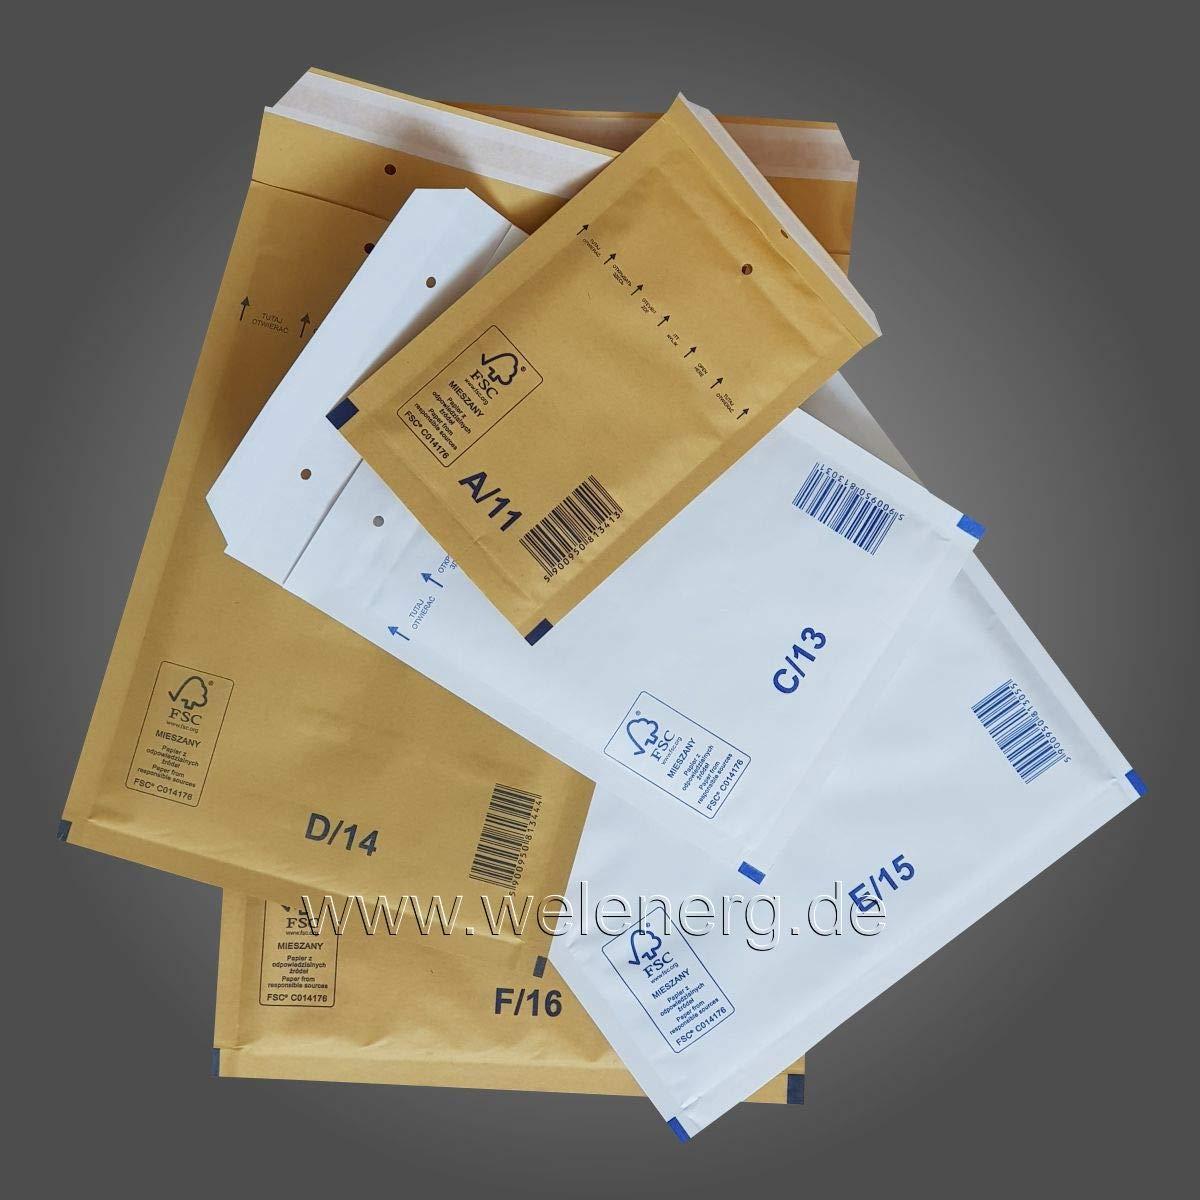 Wei/ß Frabe 100 ★ C3-170x225 mm Luftpolstervertaschen Versandtaschen Umschl/äge Luftpolsterumschl/äge Luftpolsterversandtaschen